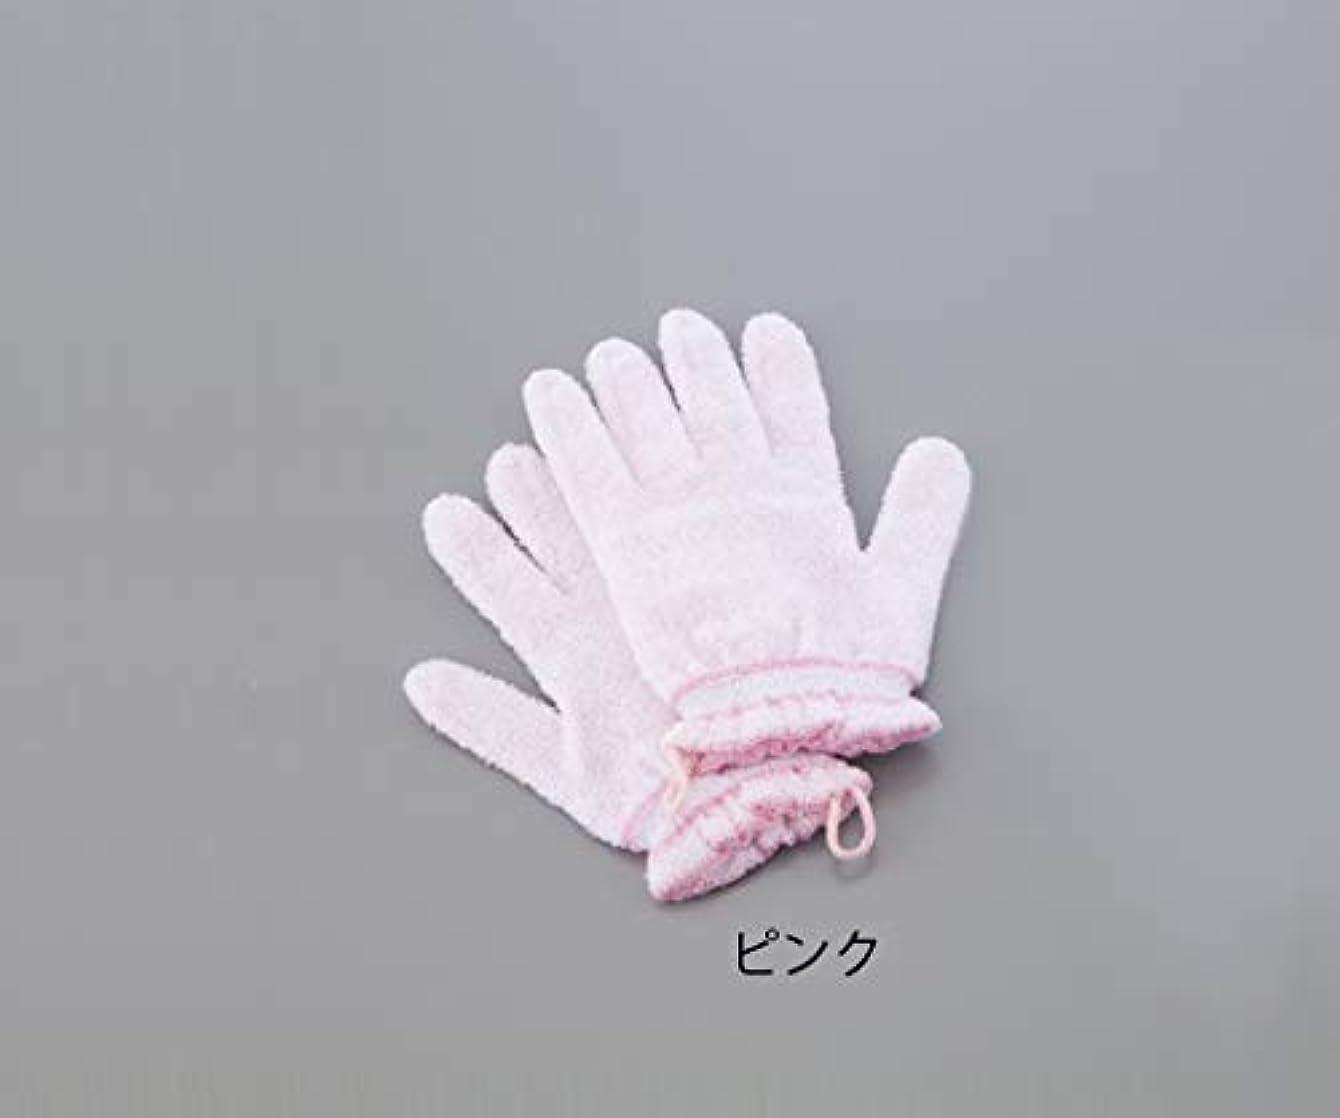 パブ散髪兄0-4015-01浴用手袋(やさしい手)ピンク